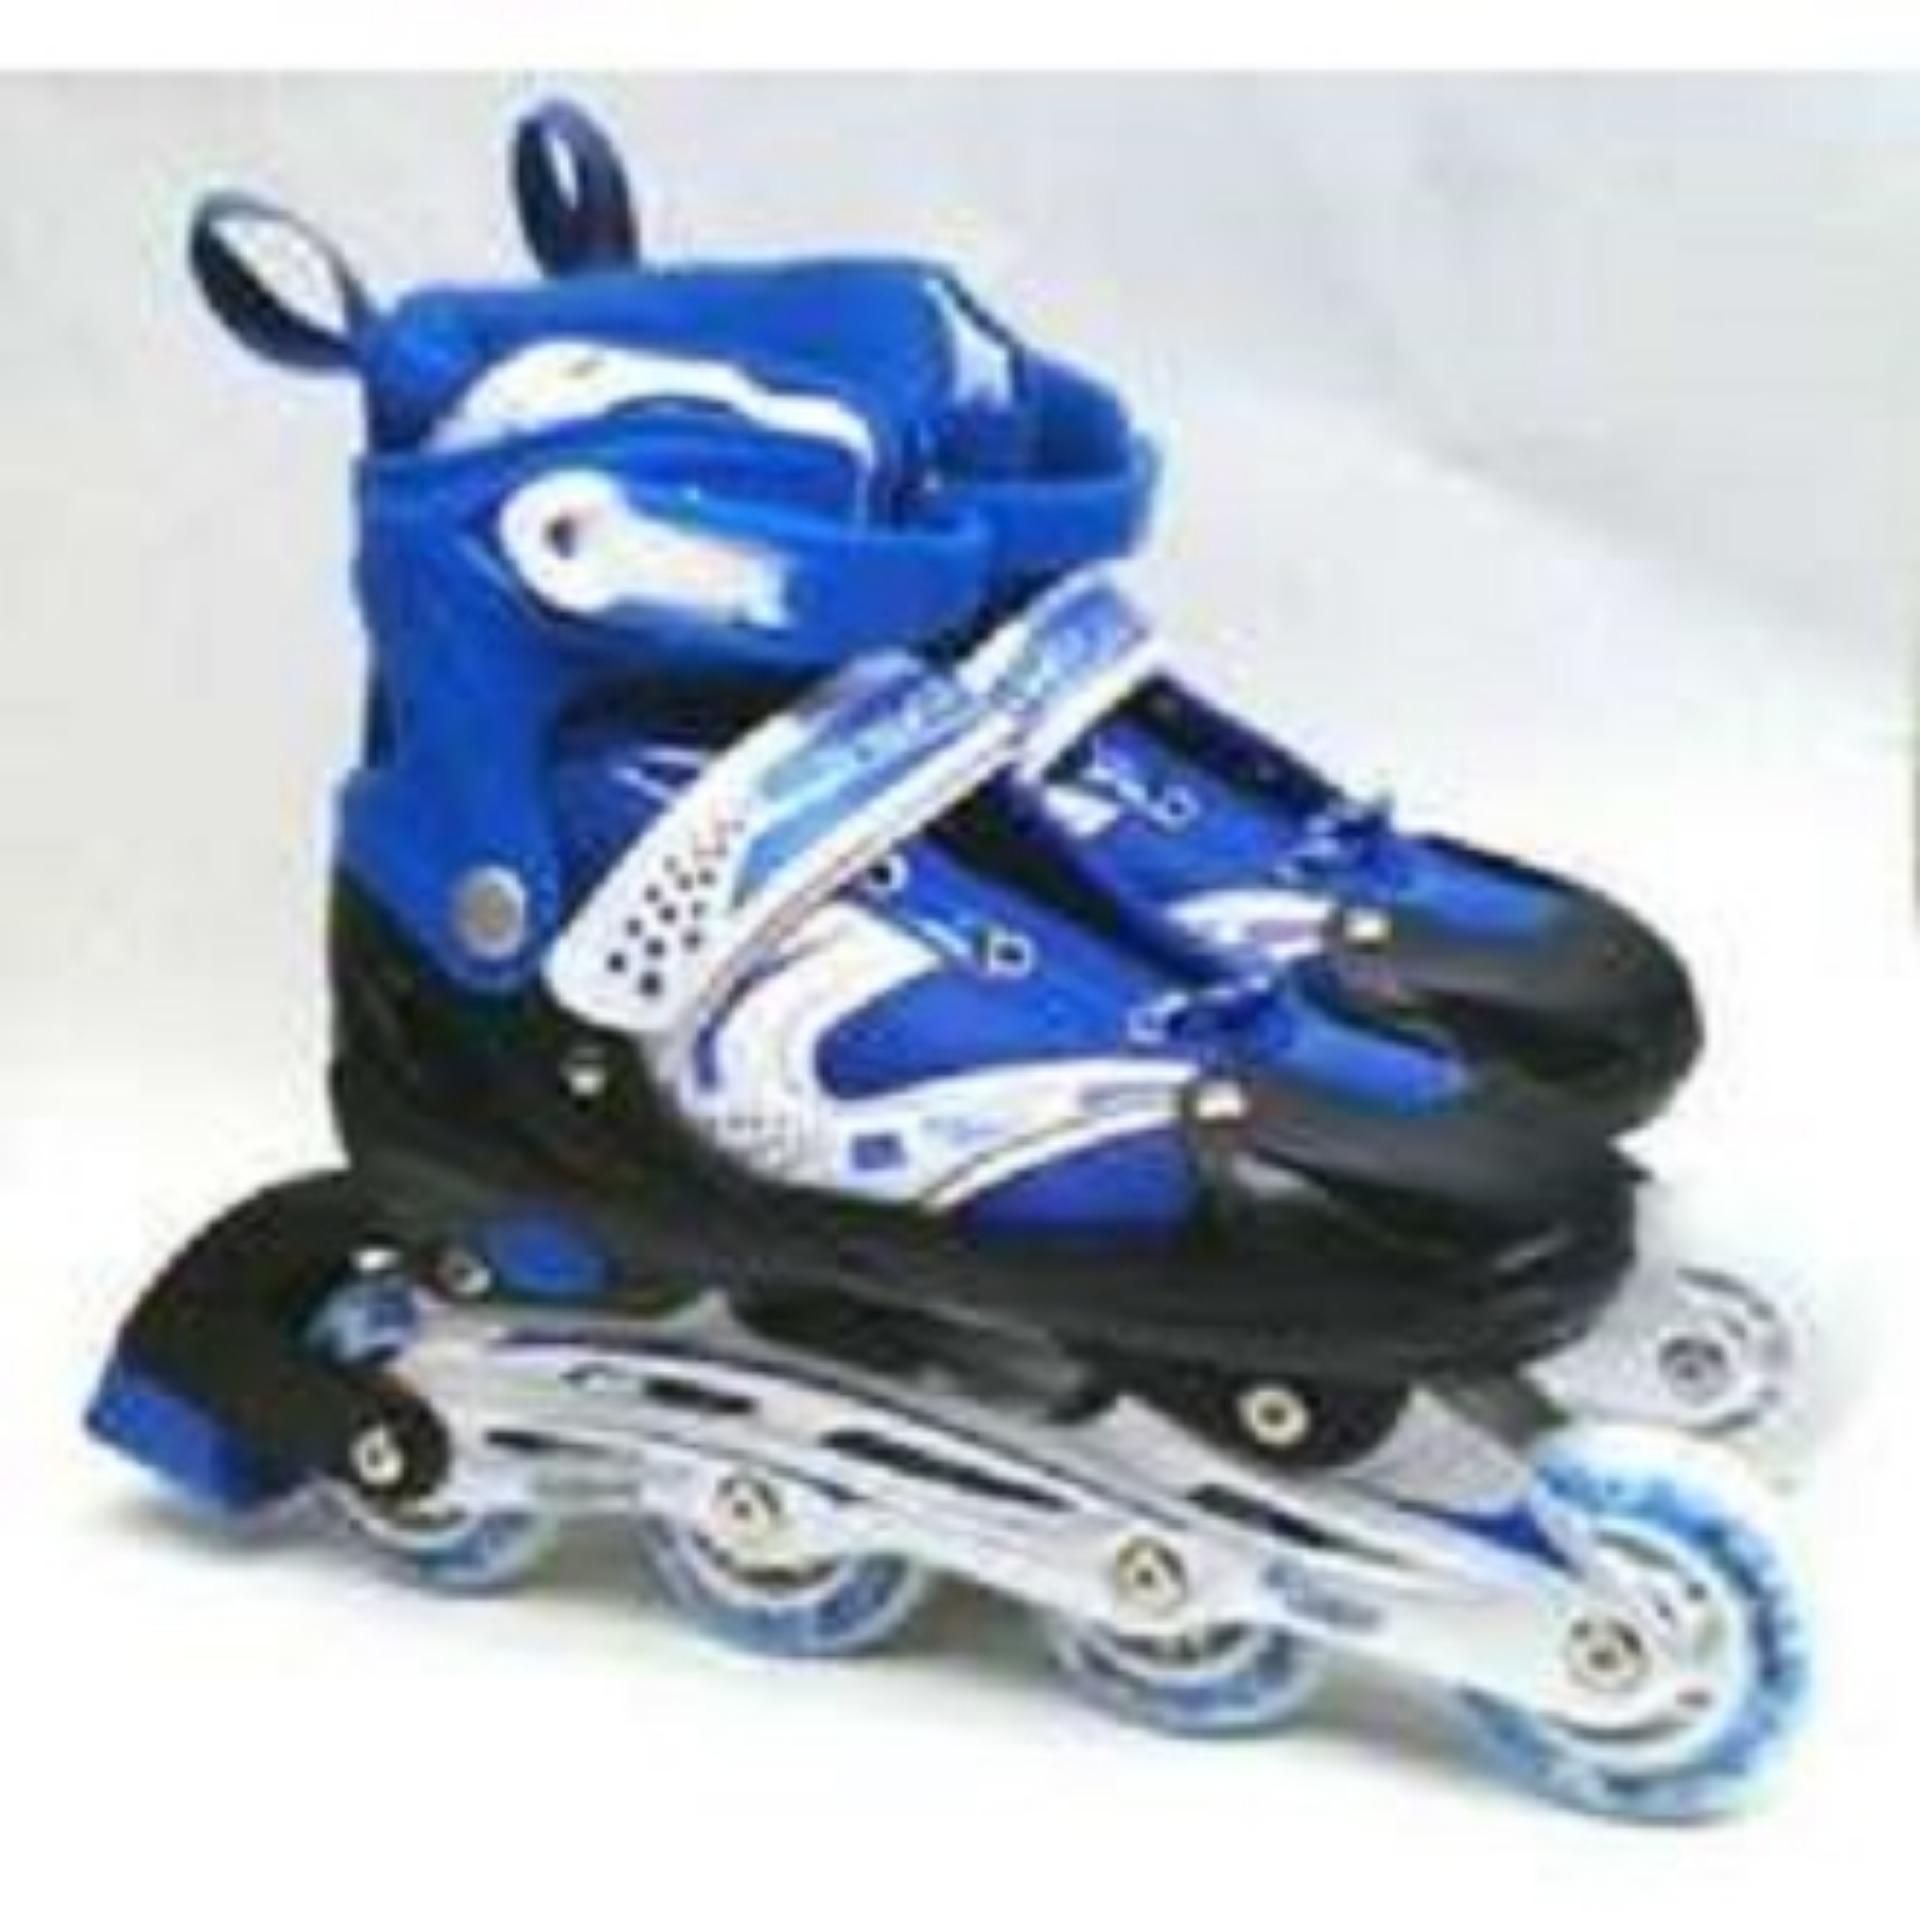 (cod) Promo Sepatu Roda Bajaj Lampu Anak Super Murah Inline Skate Power Global Collection Sport 06 By Mama Mart.